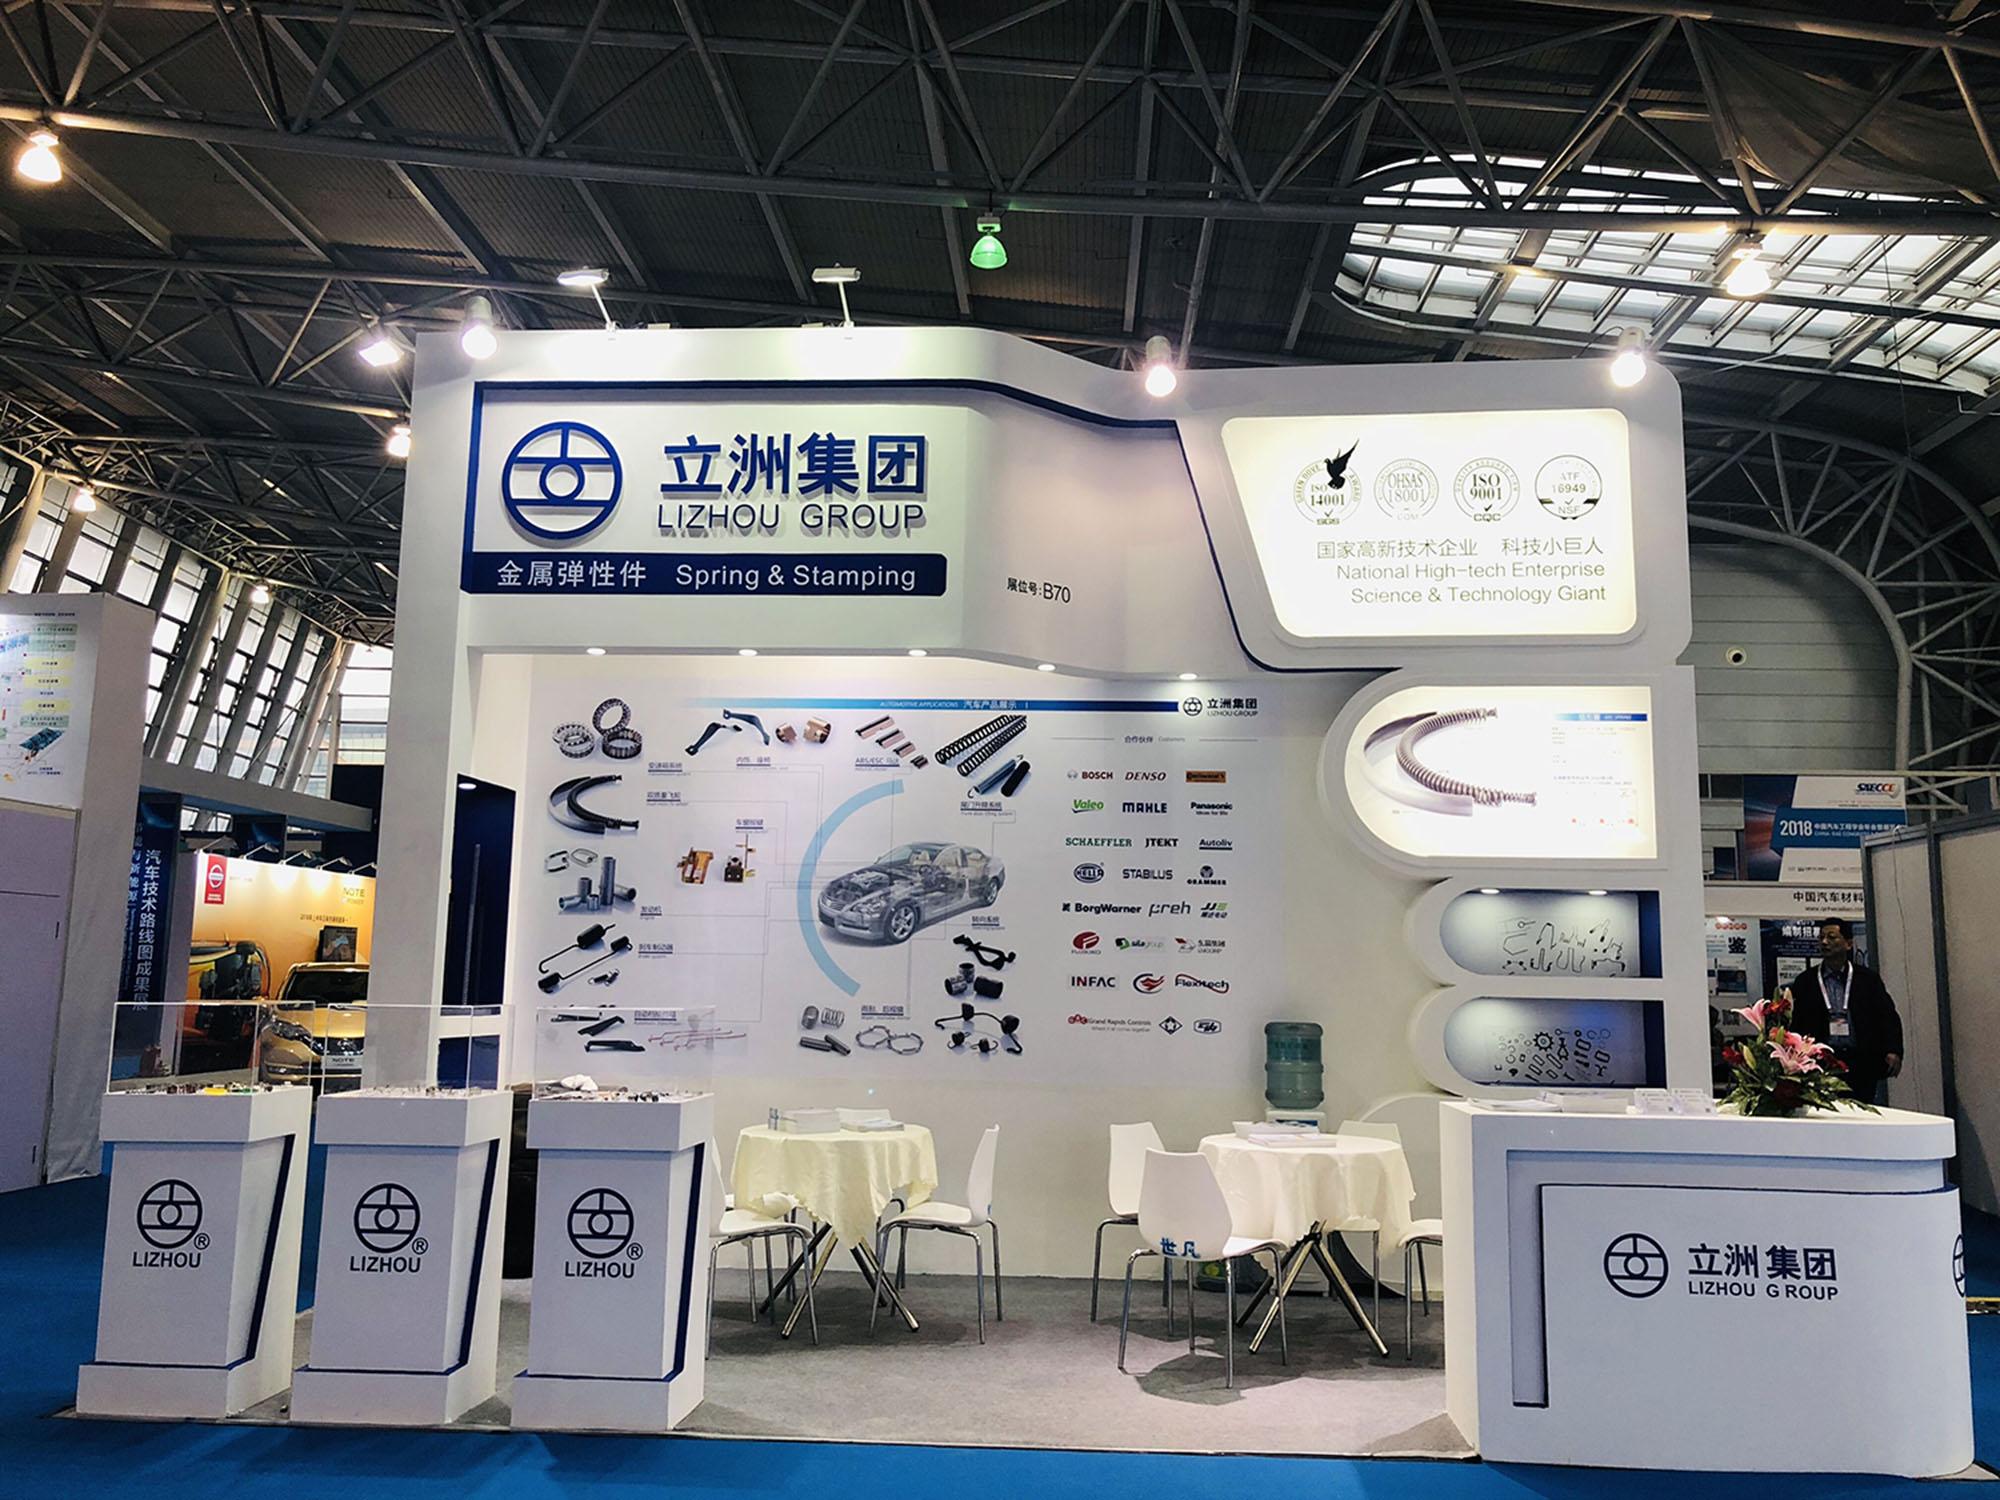 立洲集團參加2018中國汽車工程學會暨展覽會